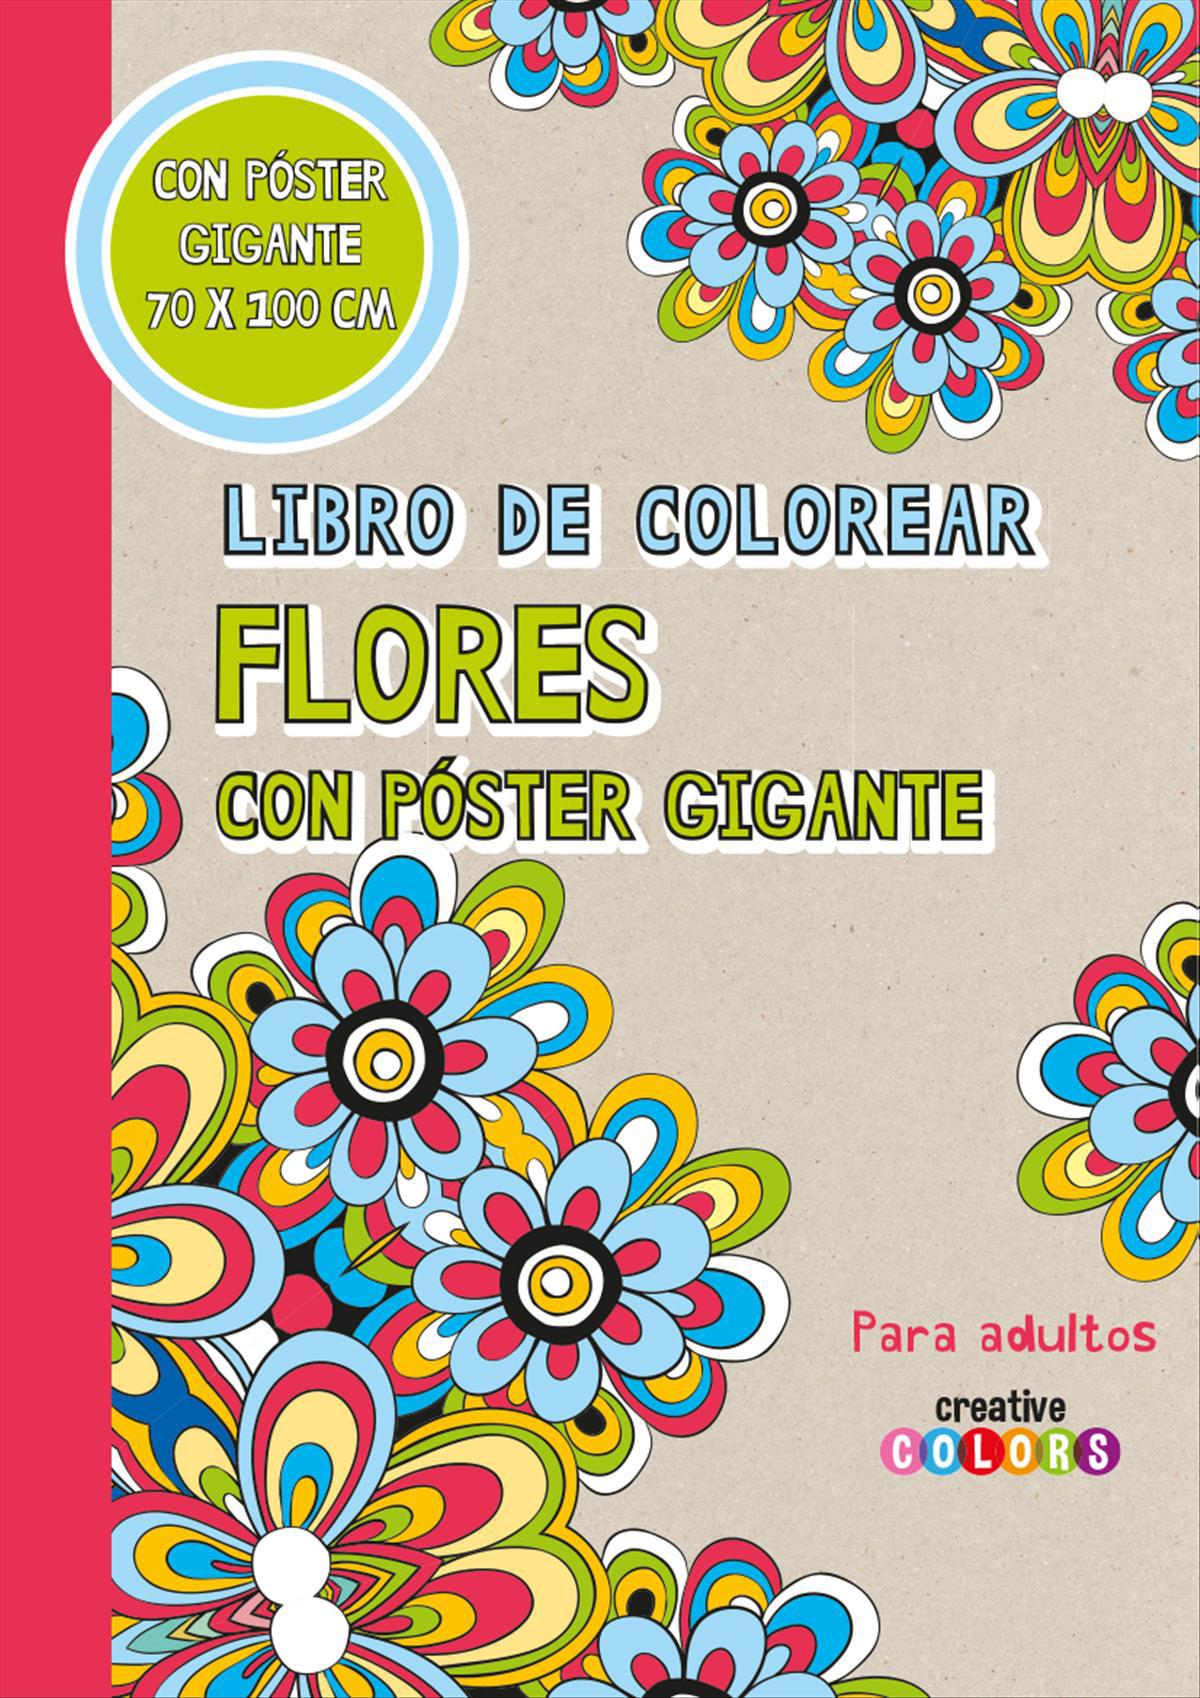 Libro de colorear flores con poster gigante